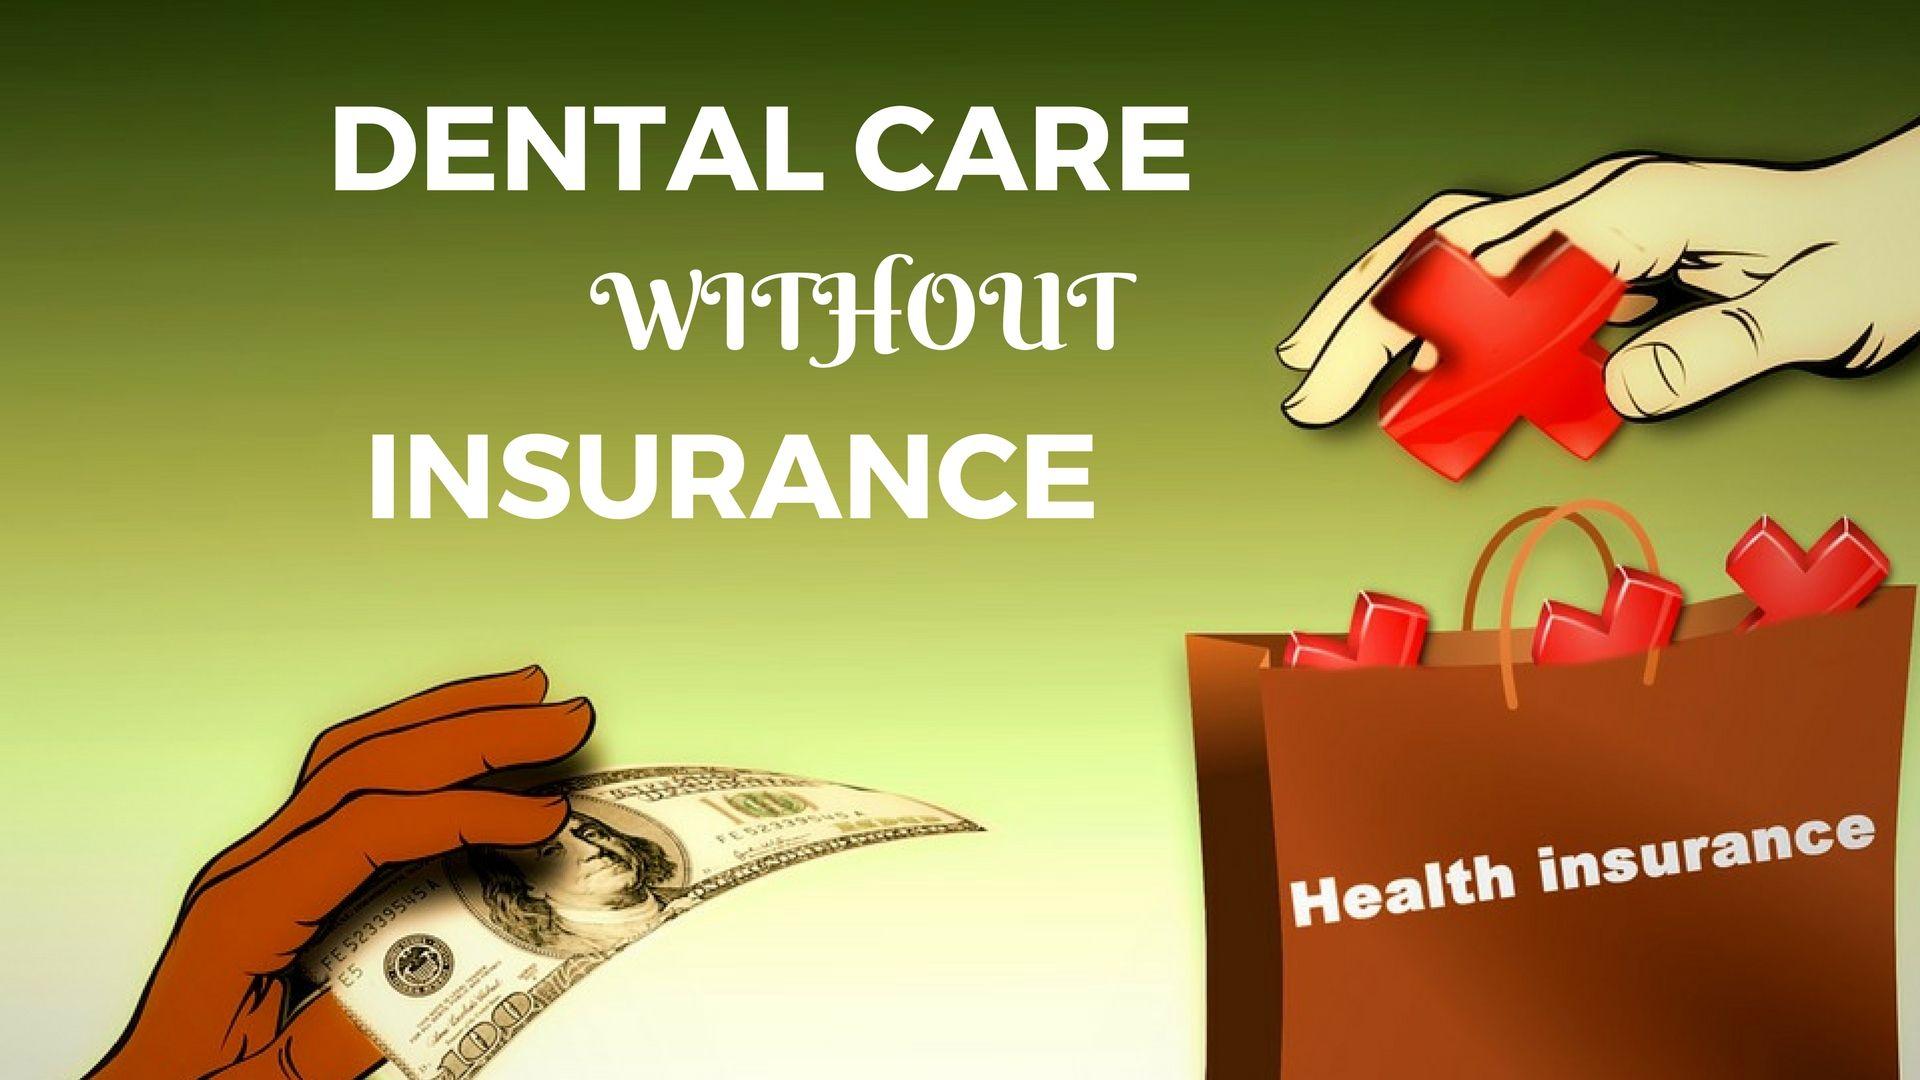 delta dental insurance wisdom teeth removal